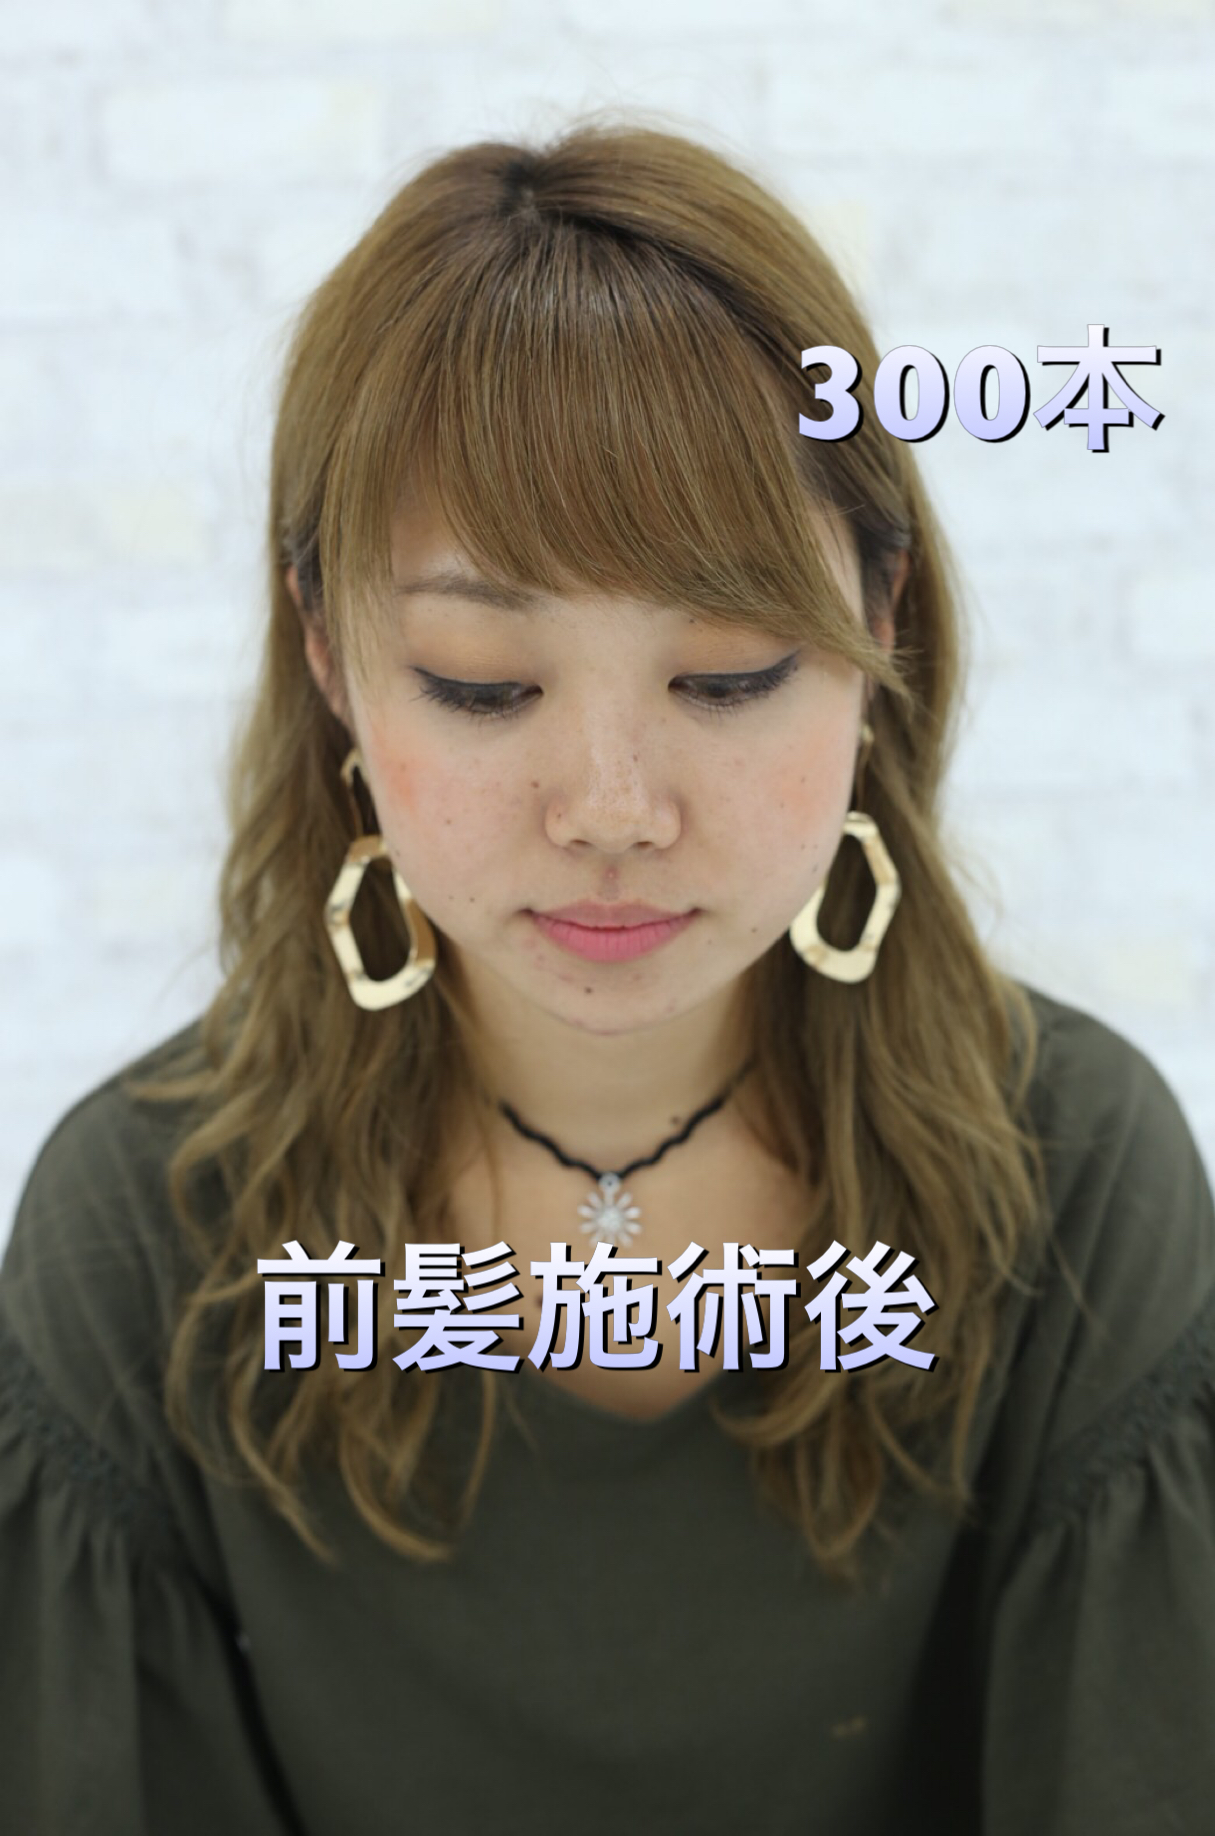 C7C57773-1139-4B12-80A6-A1D3C1D11E53